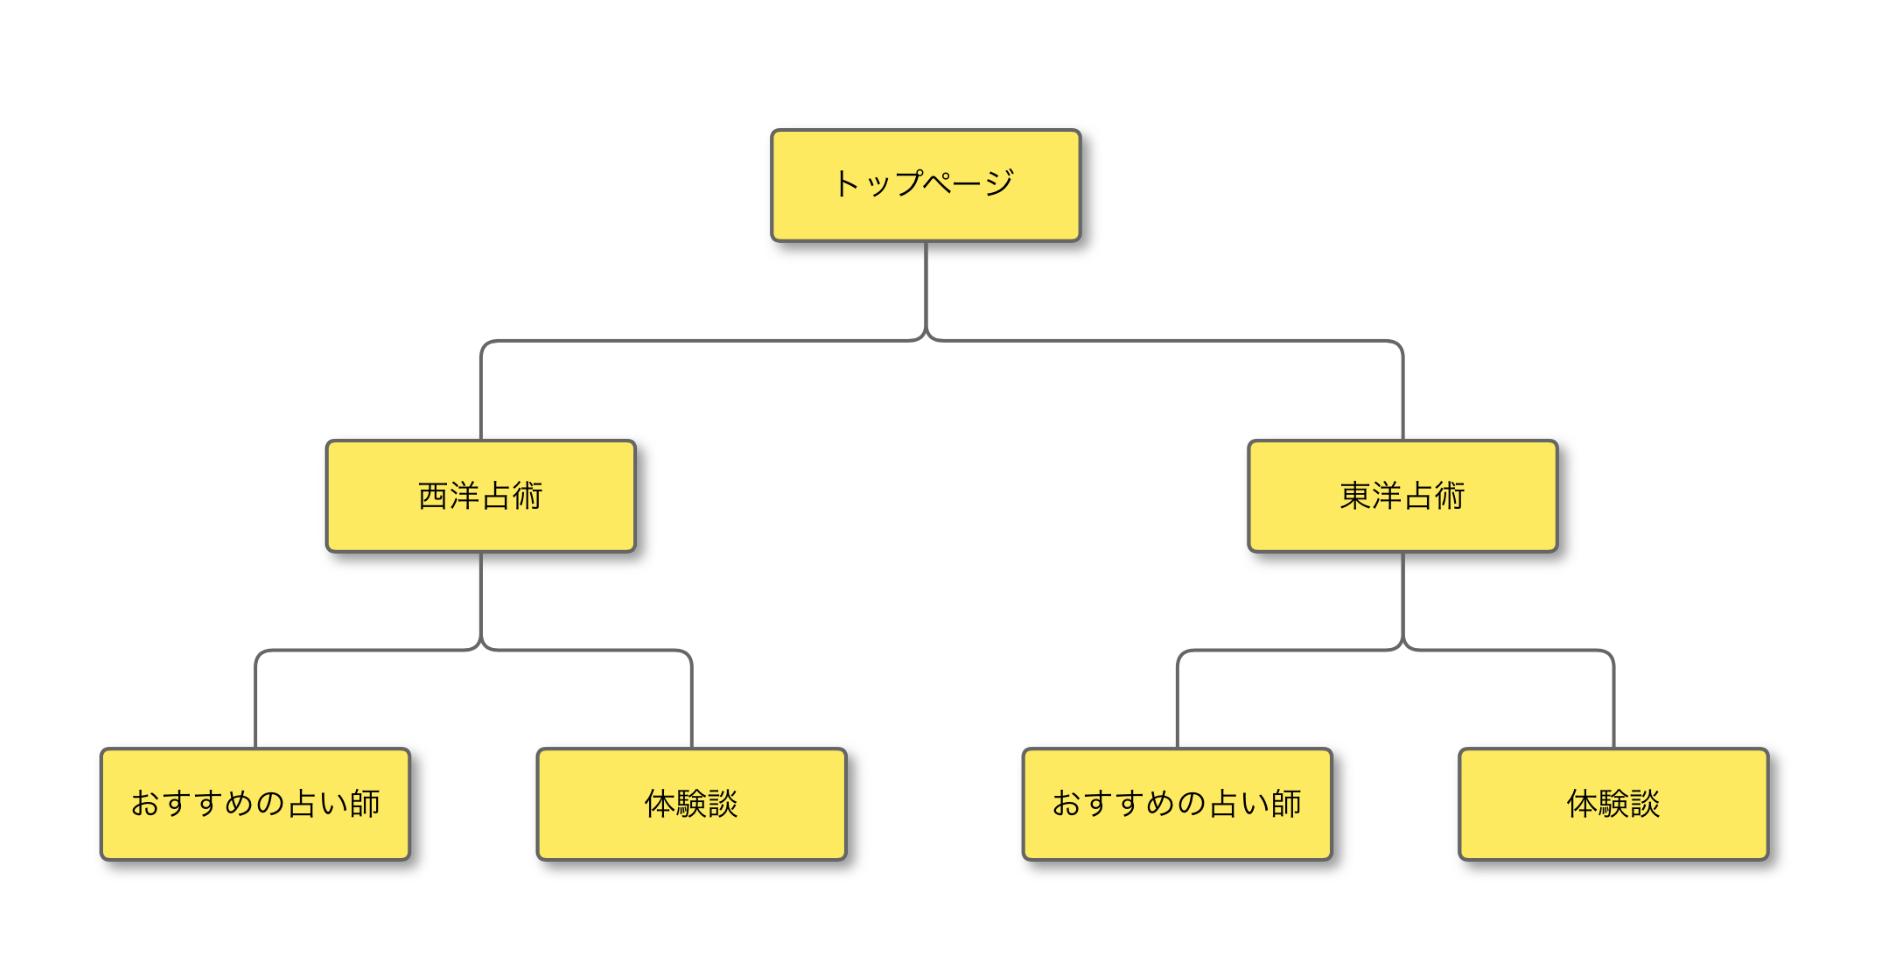 サイトの構造_サンプル